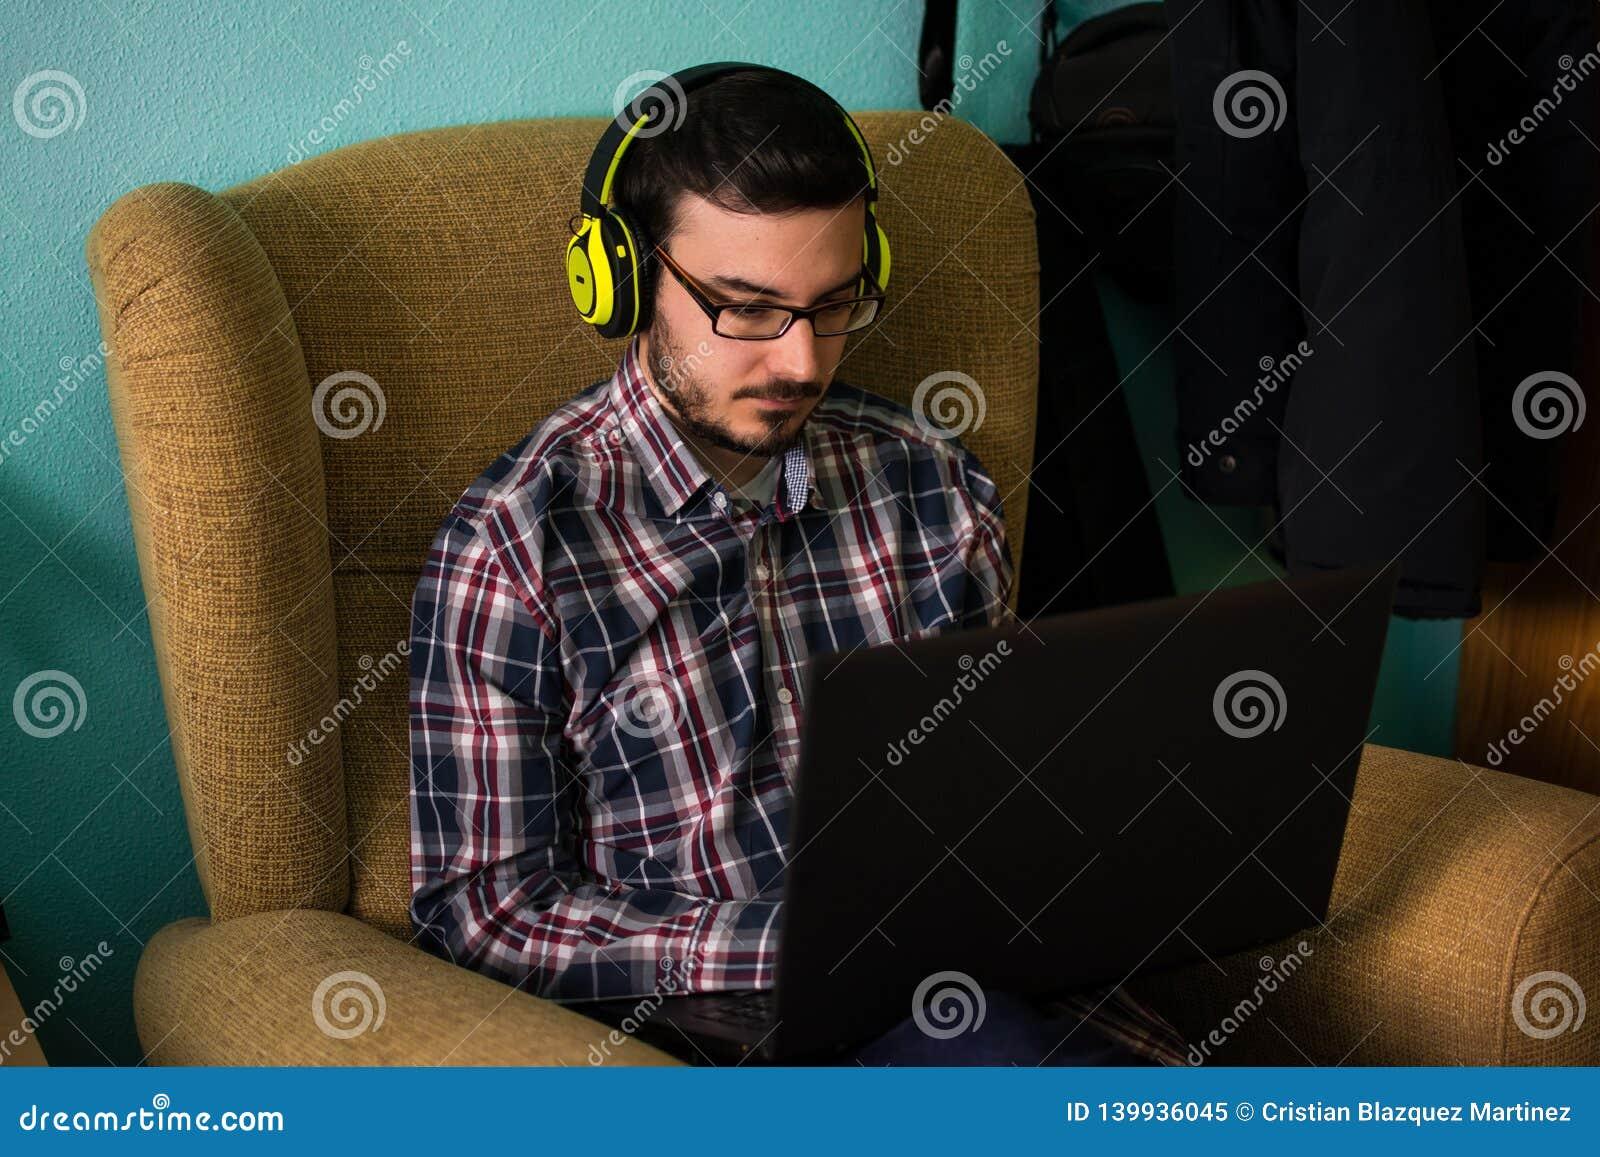 Mann benutzt Laptop auf Sofa in seinem Haus